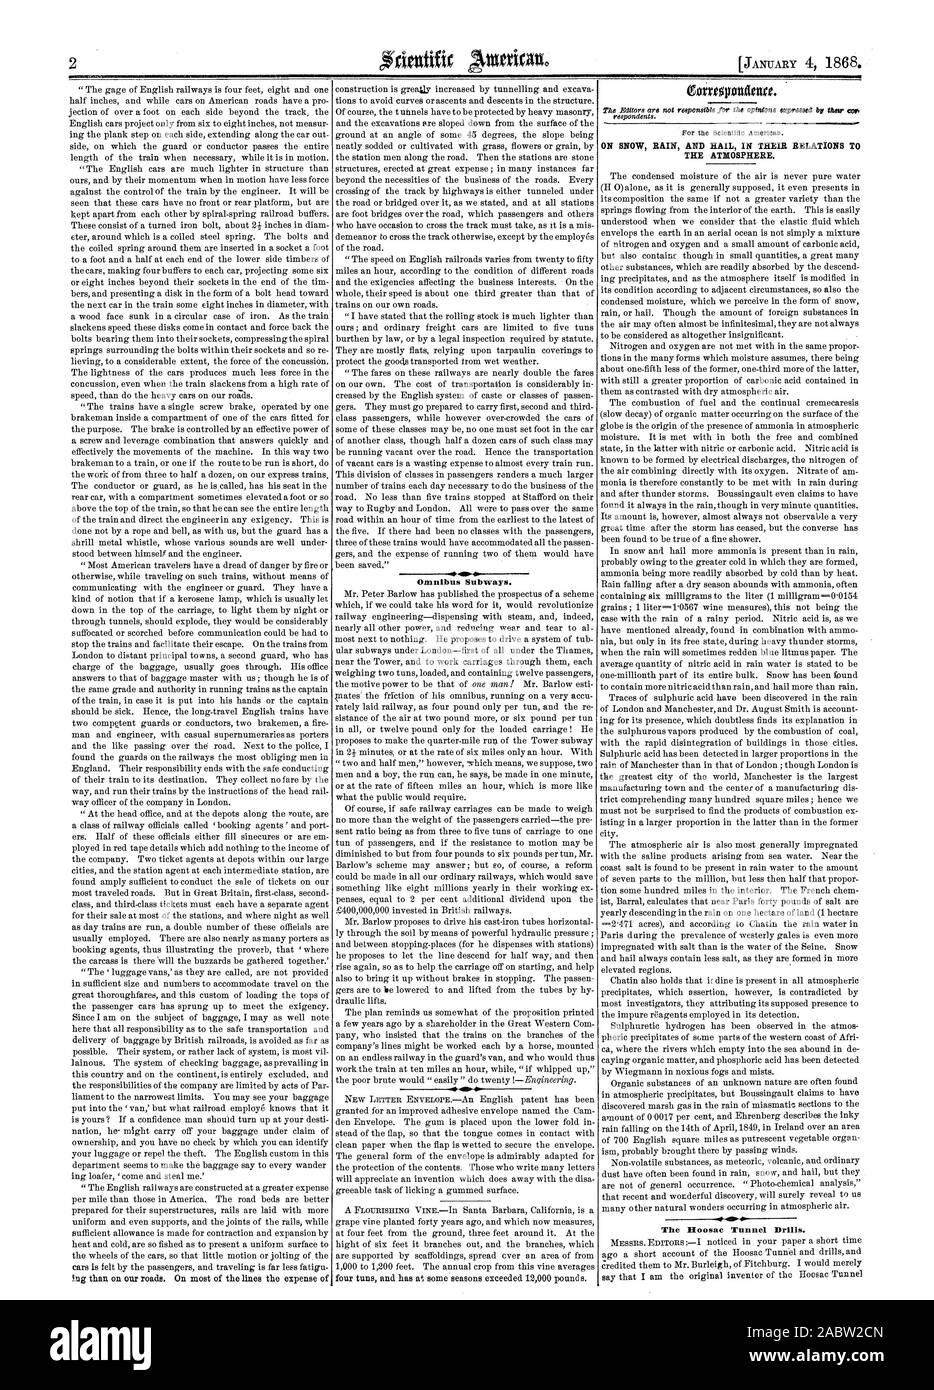 Omnibus trenes subterráneos. Sobre la nieve, la lluvia y el granizo EN SUS RELACIONES T la atmósfera. El túnel Hoosac taladros, Scientific American, 1868-01-04 Foto de stock